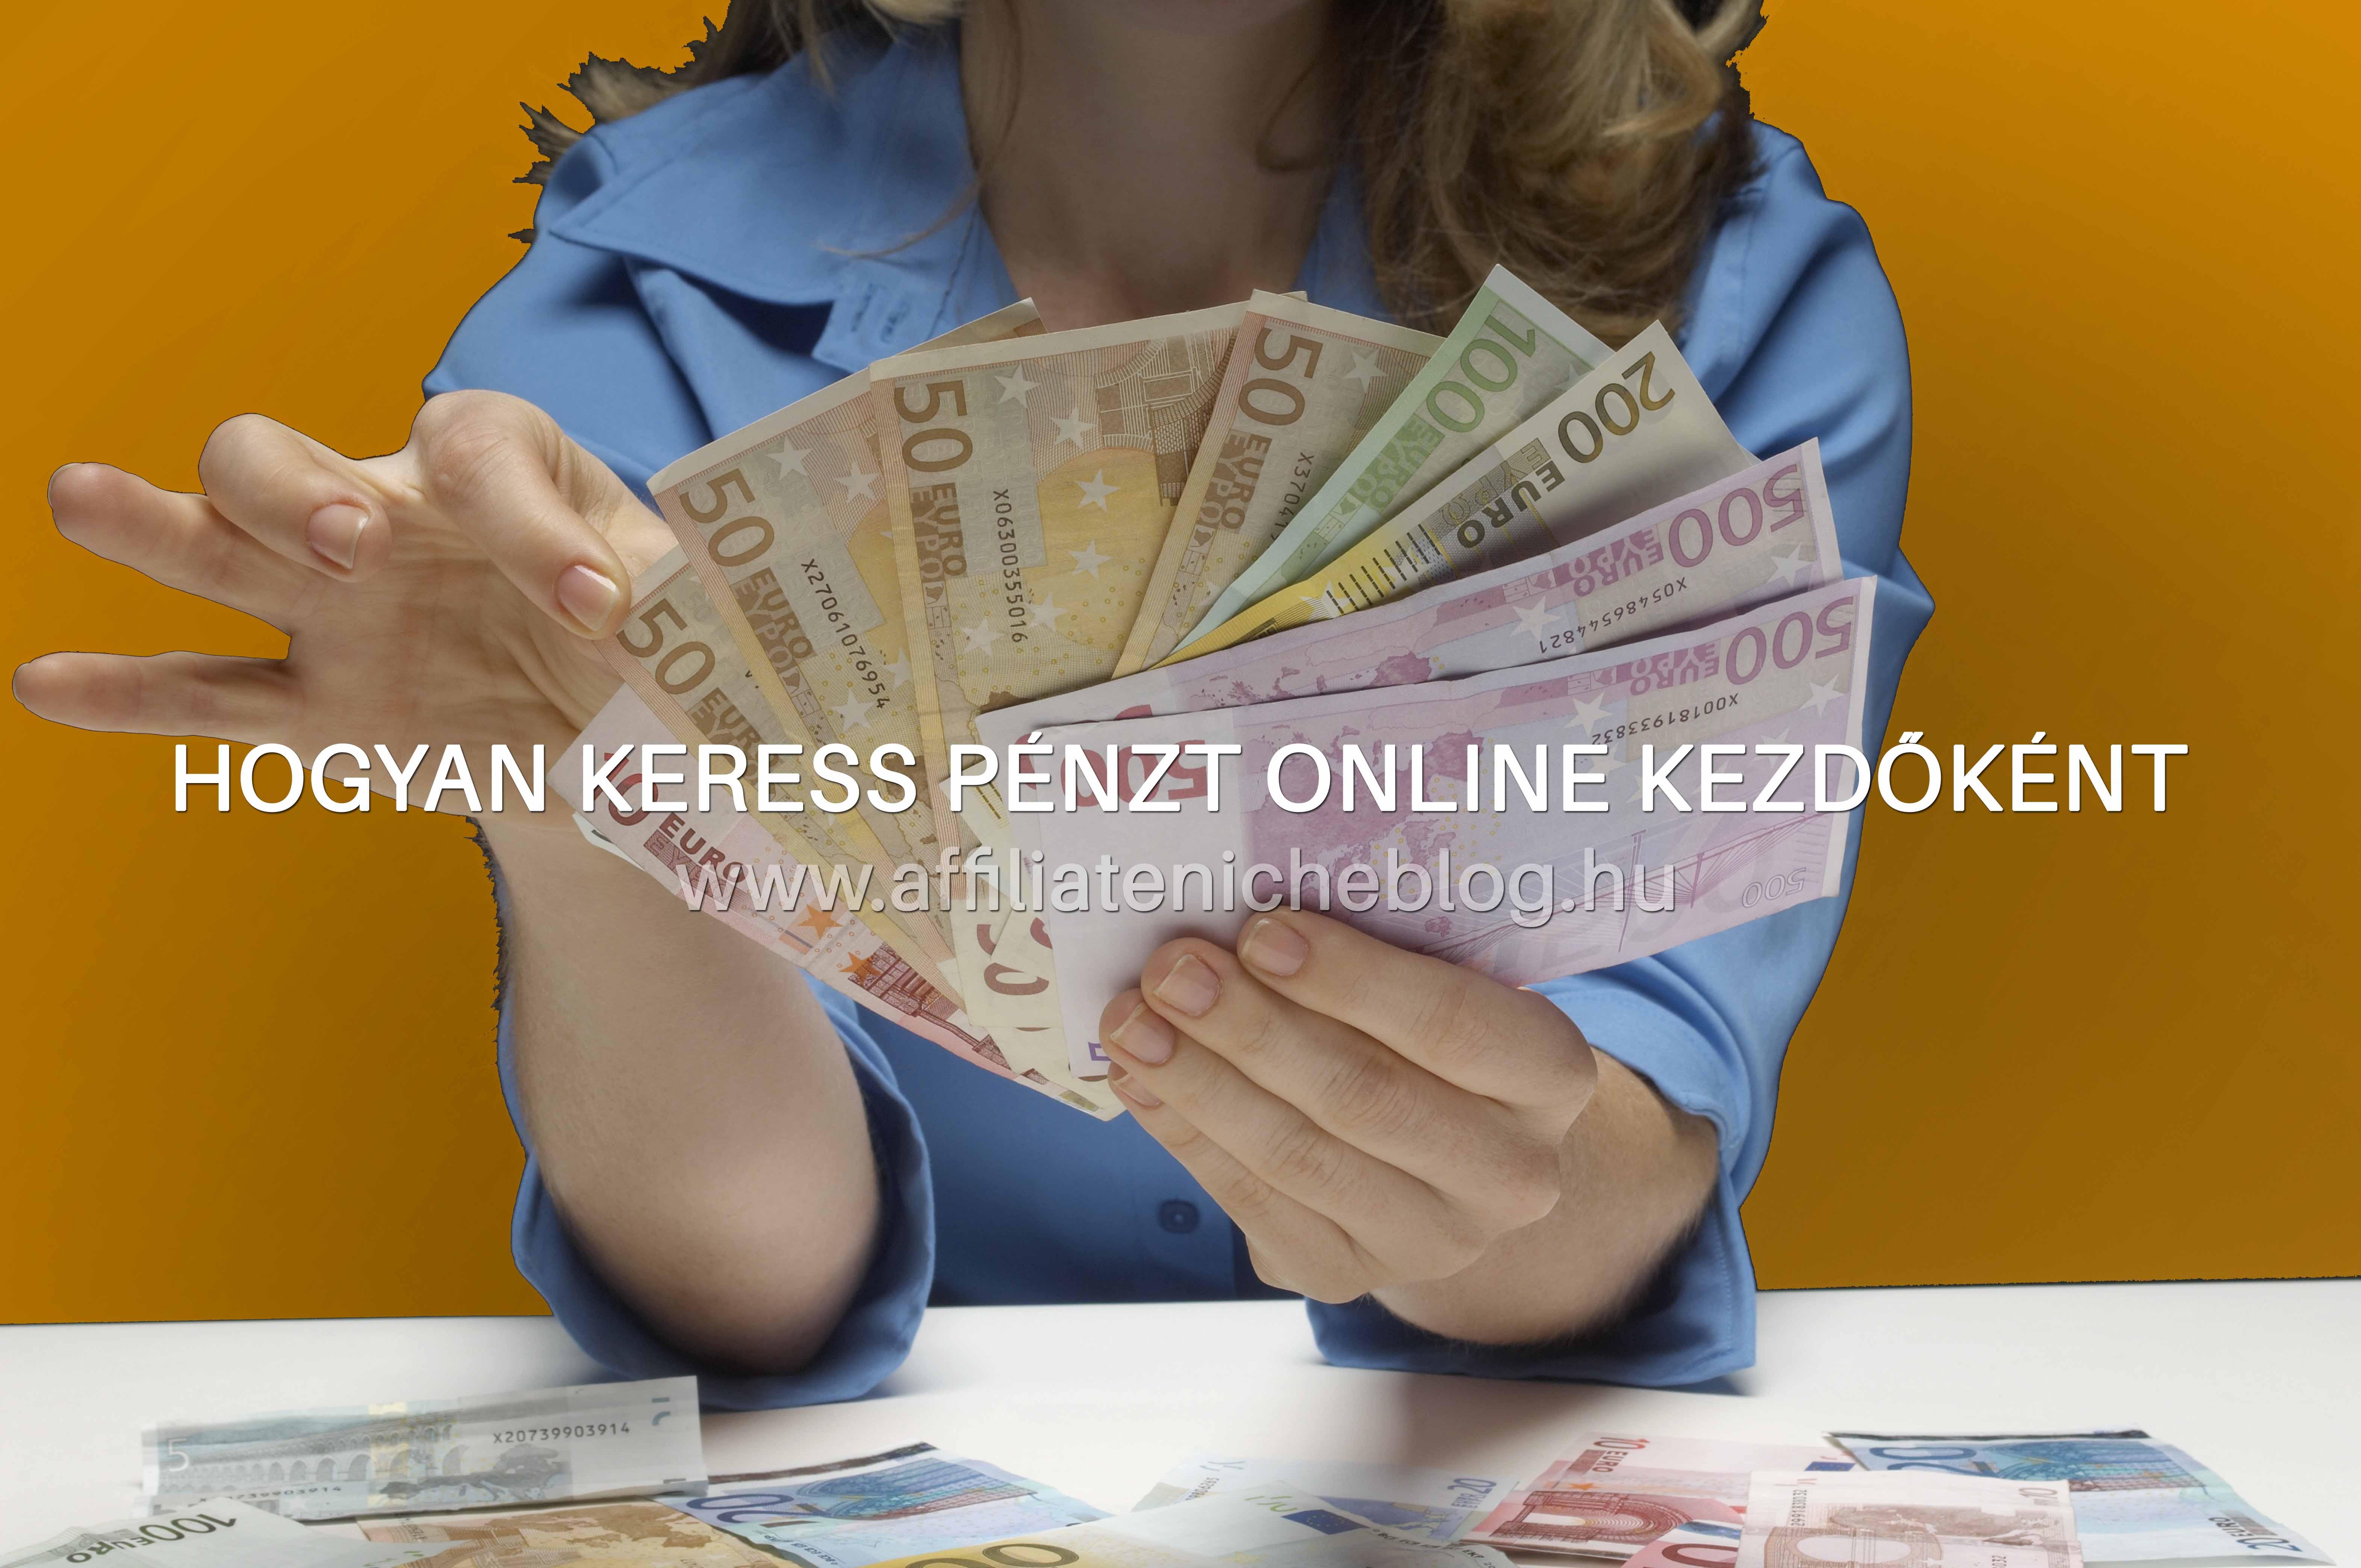 valójában hogyan lehet pénzt keresni az interneten